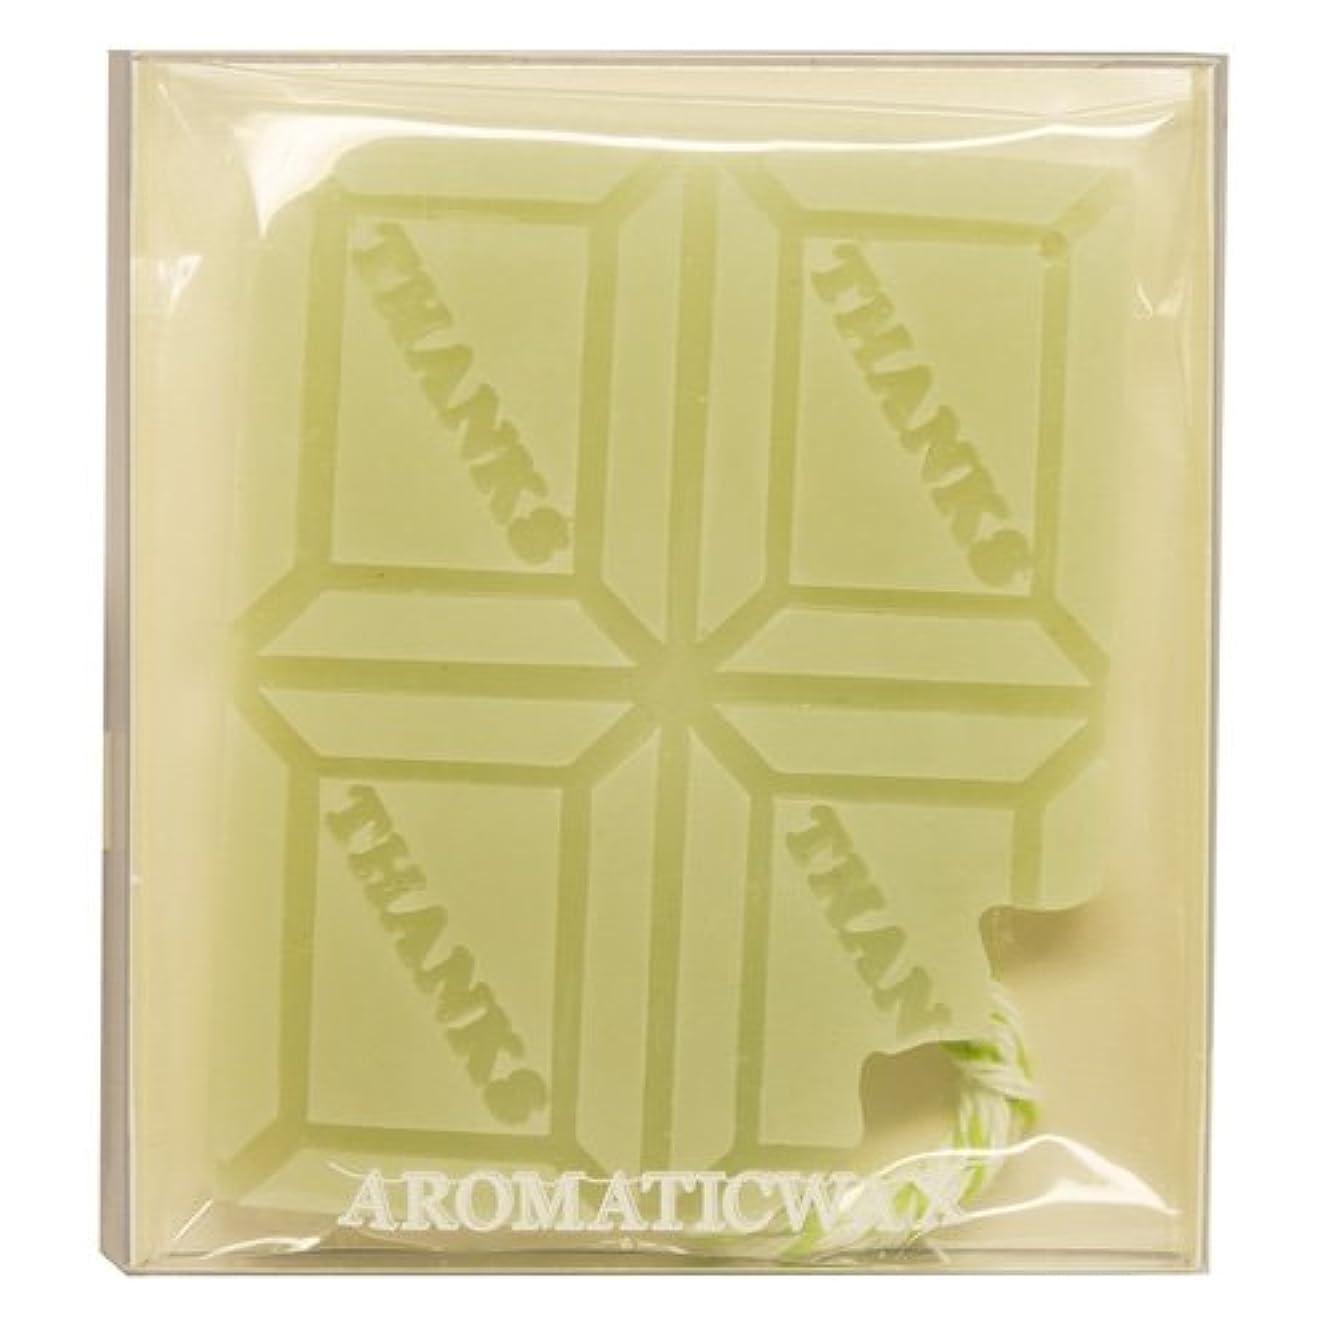 忌避剤魔女考古学者GRASSE TOKYO AROMATICWAXチャーム「板チョコ(THANKS)」(GR) レモングラス アロマティックワックス グラーストウキョウ